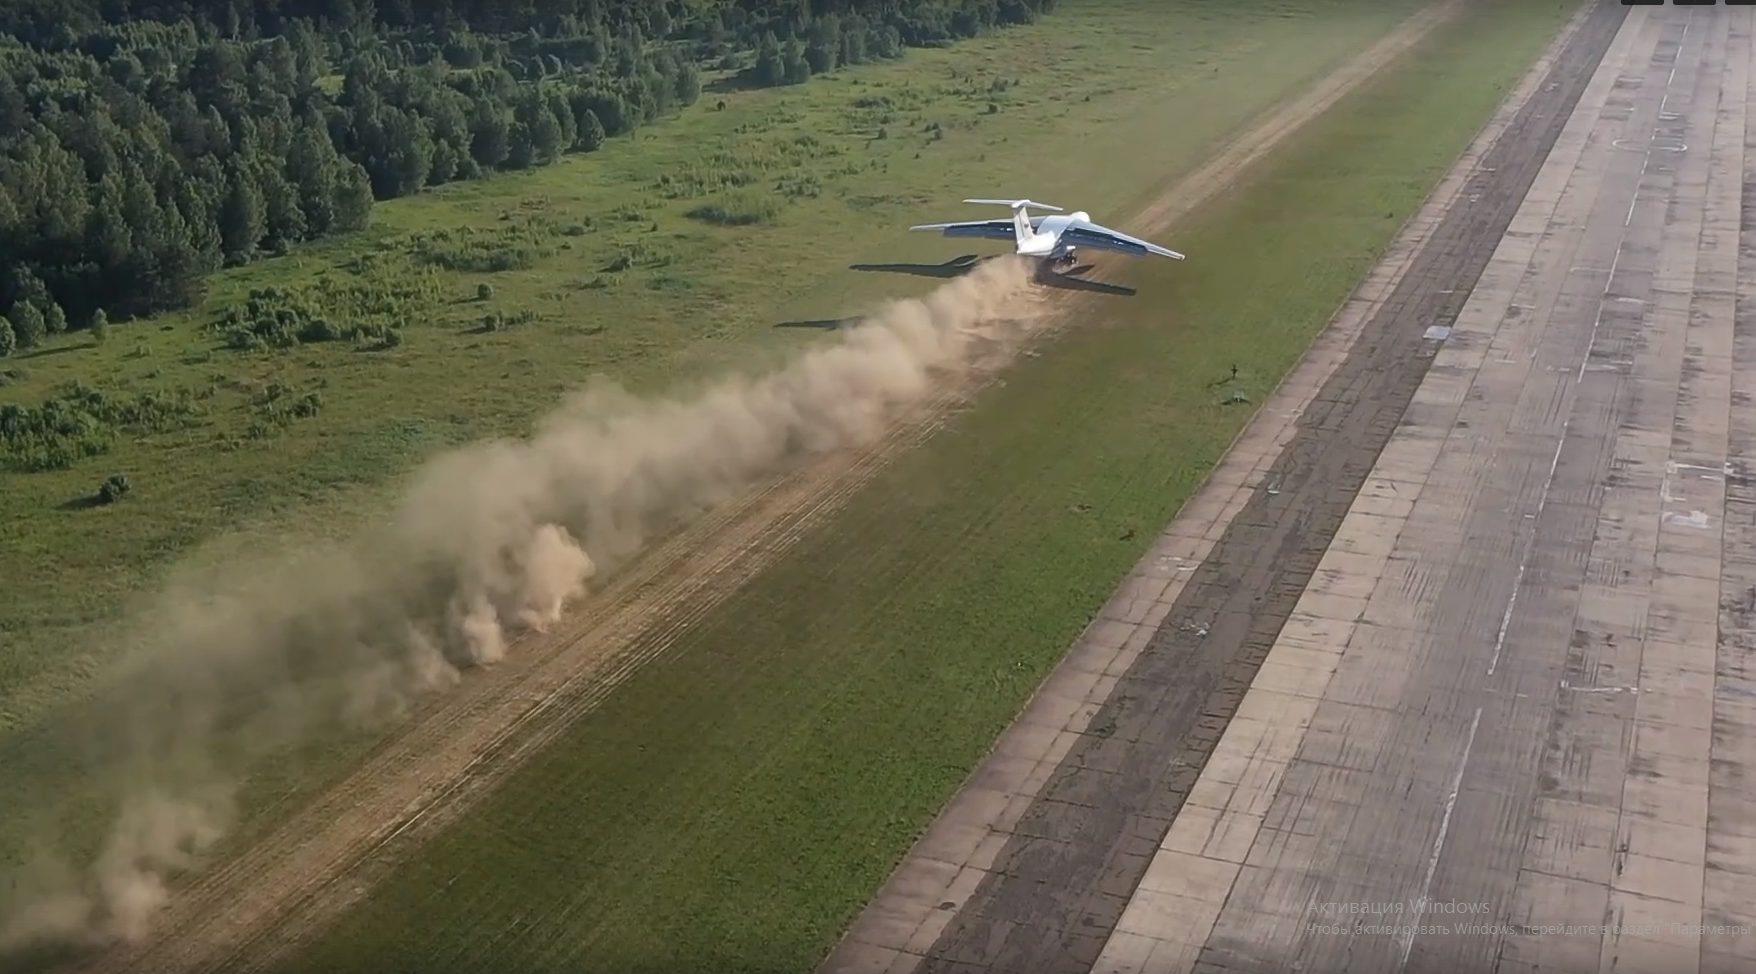 Тверские лётчики совершили сложную посадку грузового самолёта на грунтовую полосу